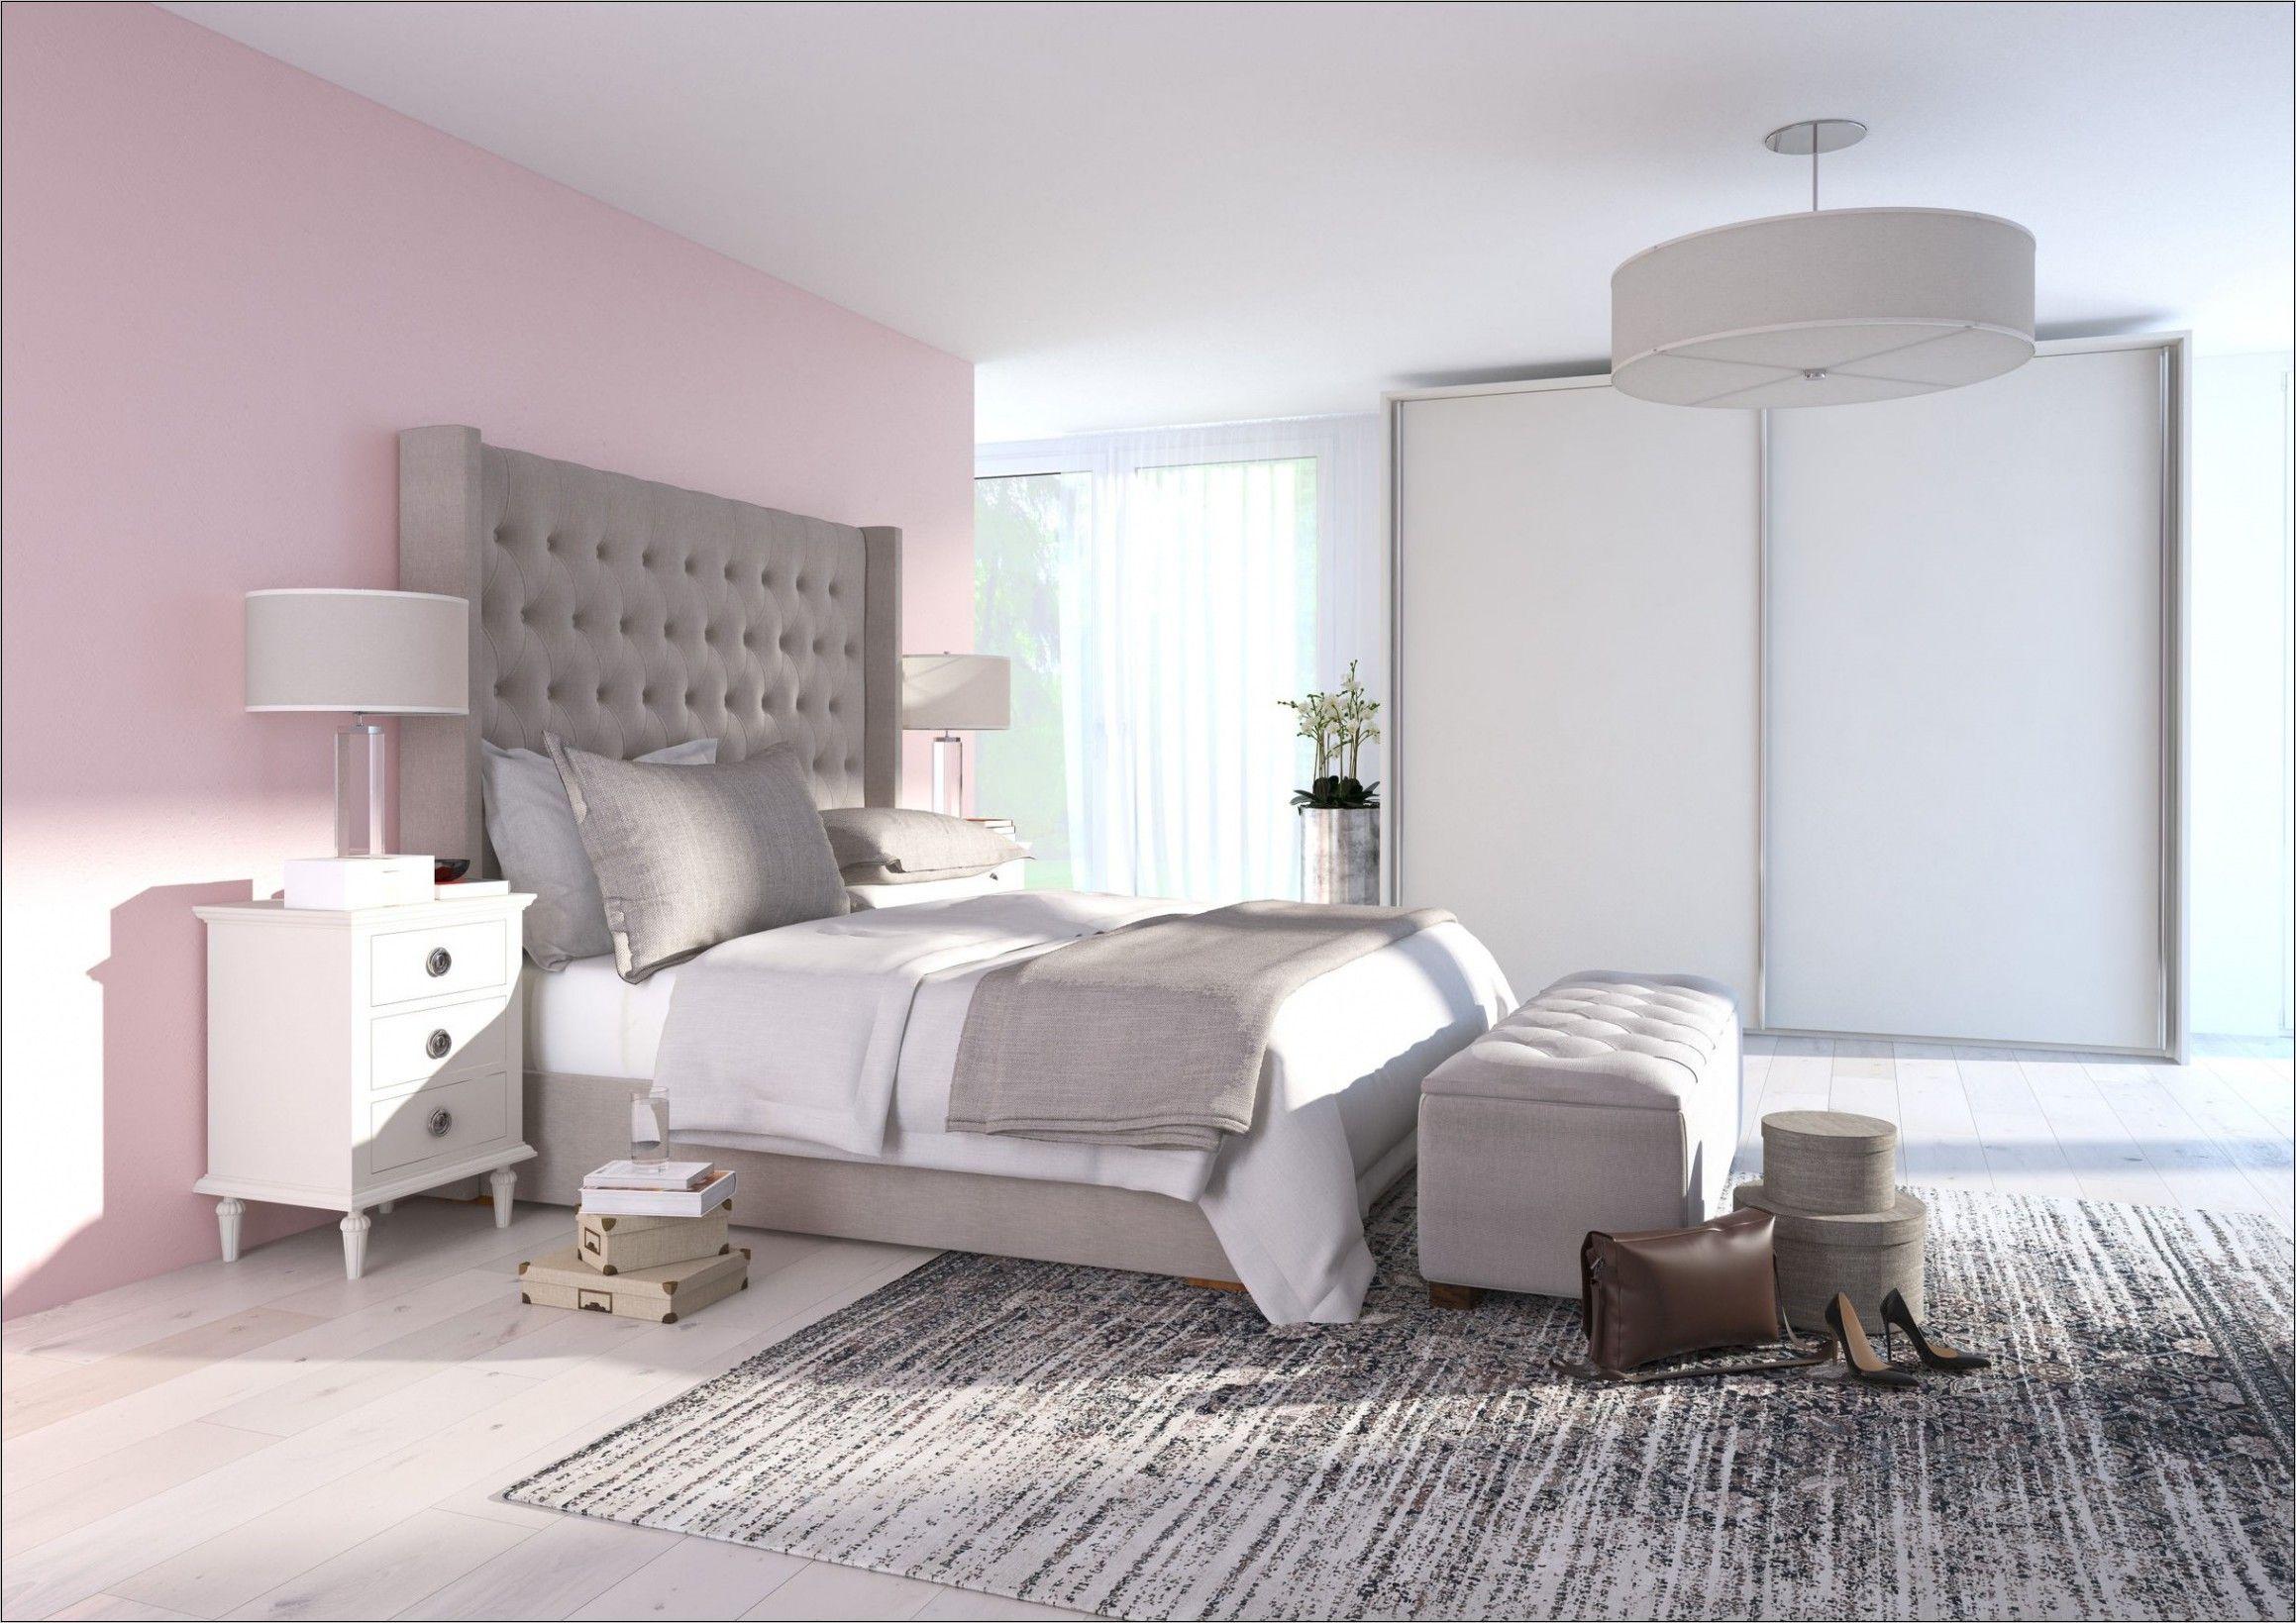 Chambre Rose Poudré Fille deco chambre rose poudré et gris en 2020 | déco chambre rose